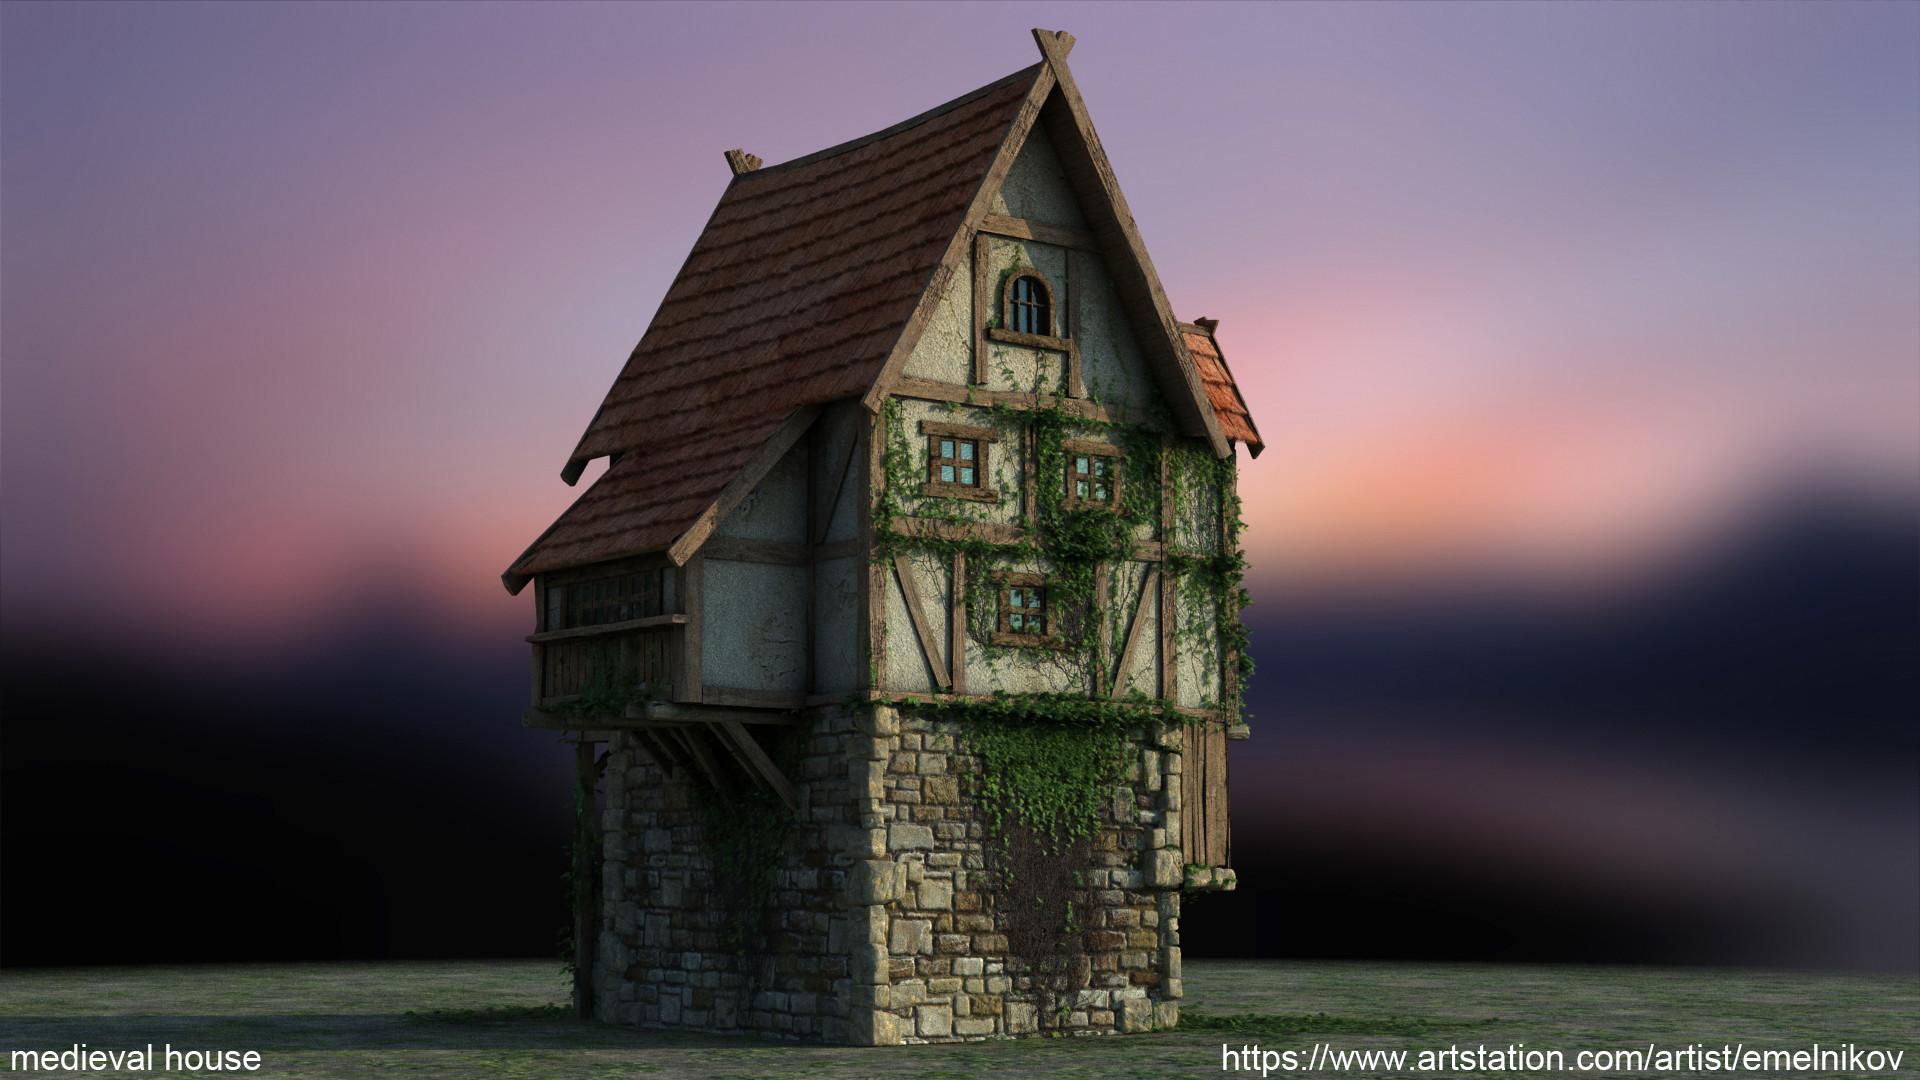 Eugene melnikov medieval house1 render frm6